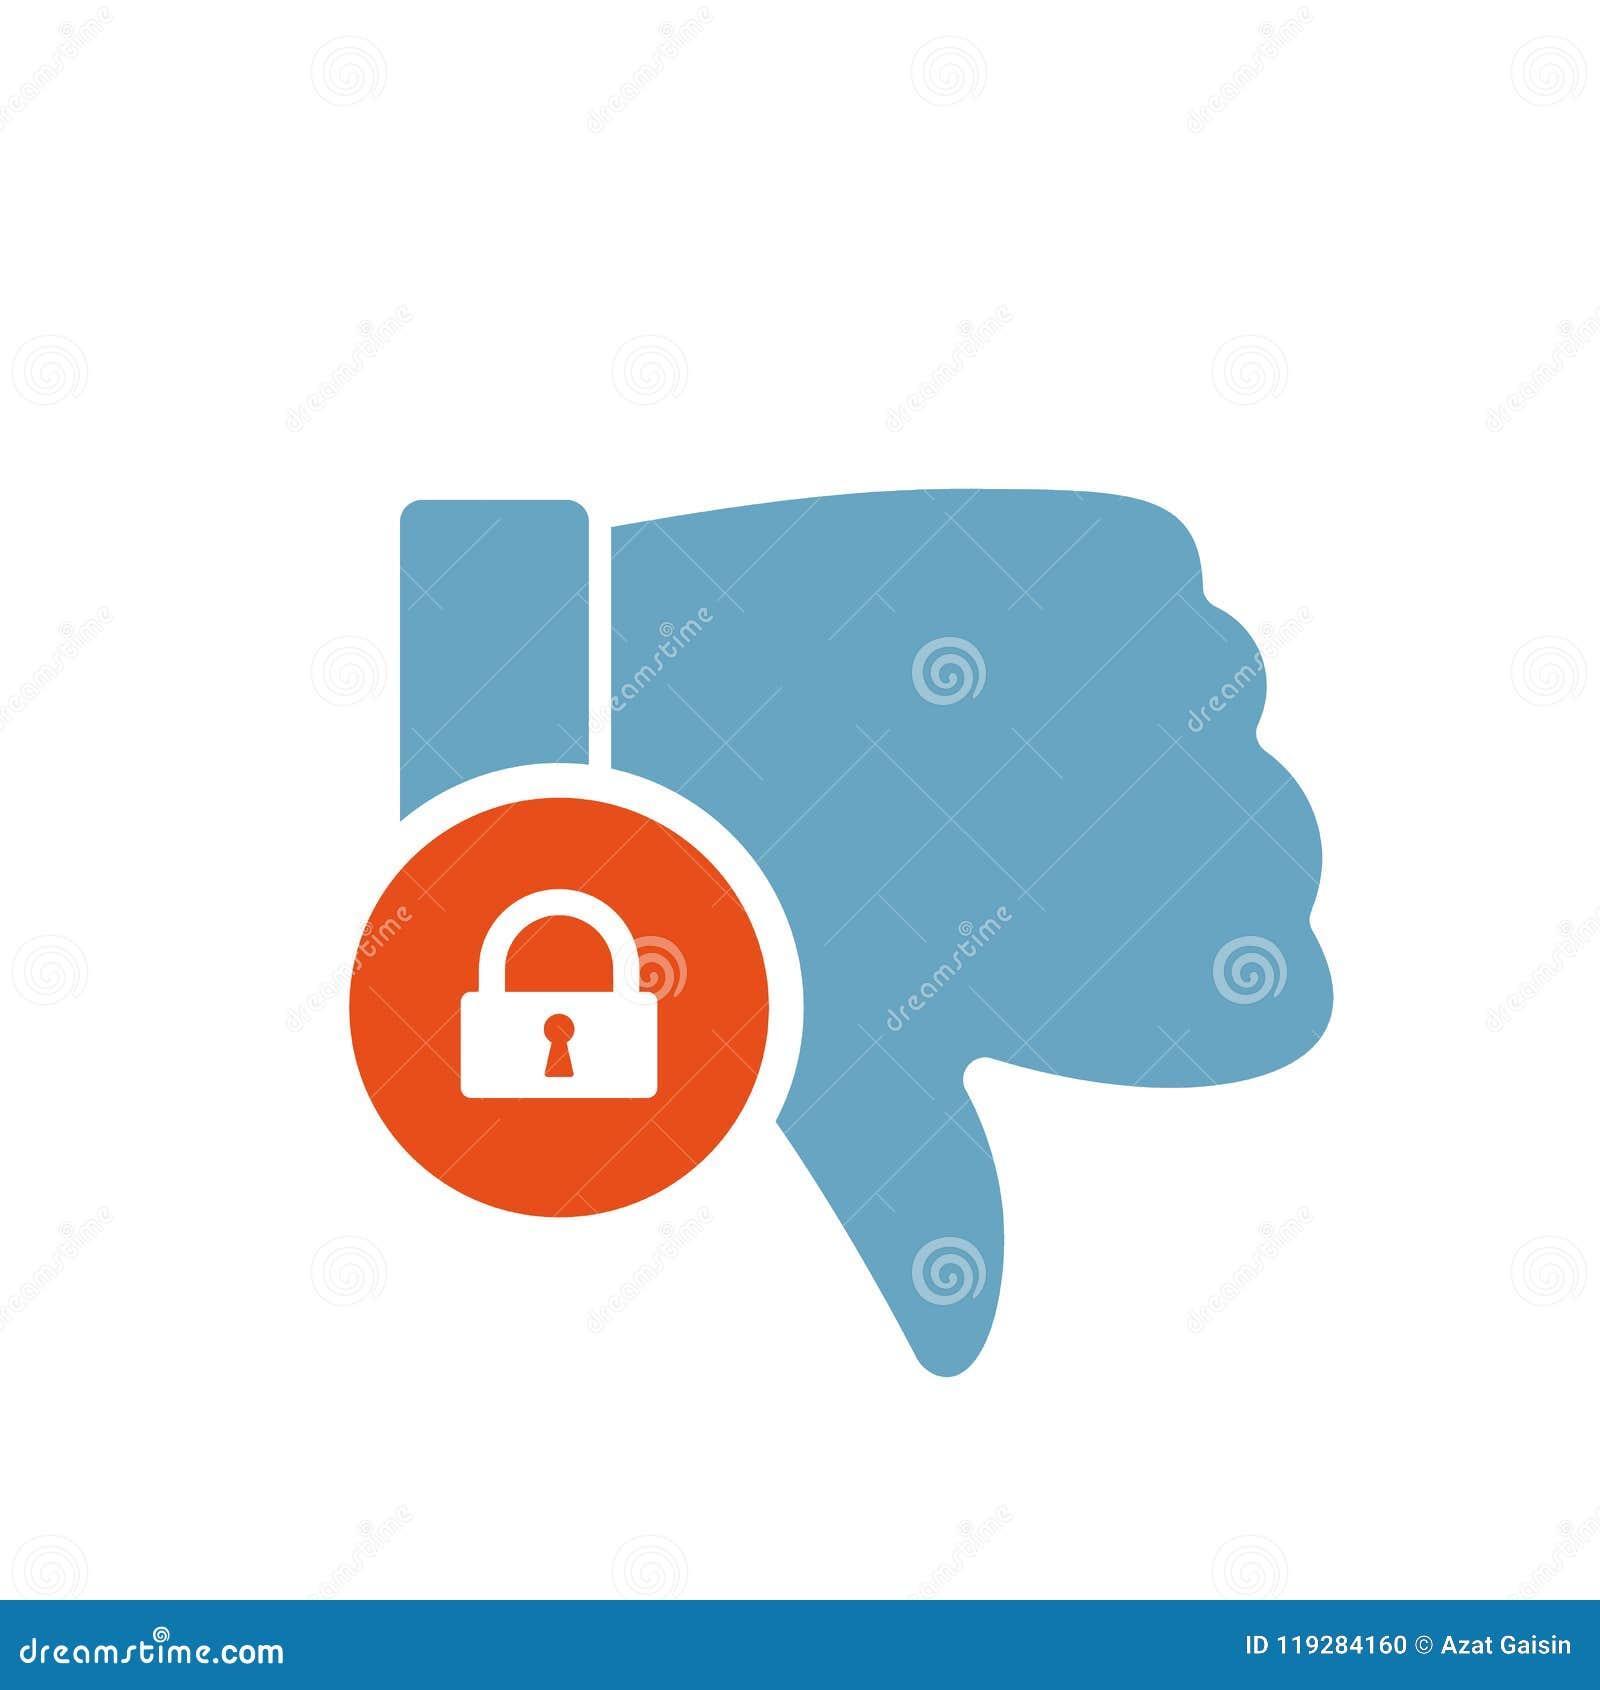 Afkeerpictogram, gebarenpictogram met hangslotteken Afkeerpictogram en veiligheid, bescherming, privacysymbool